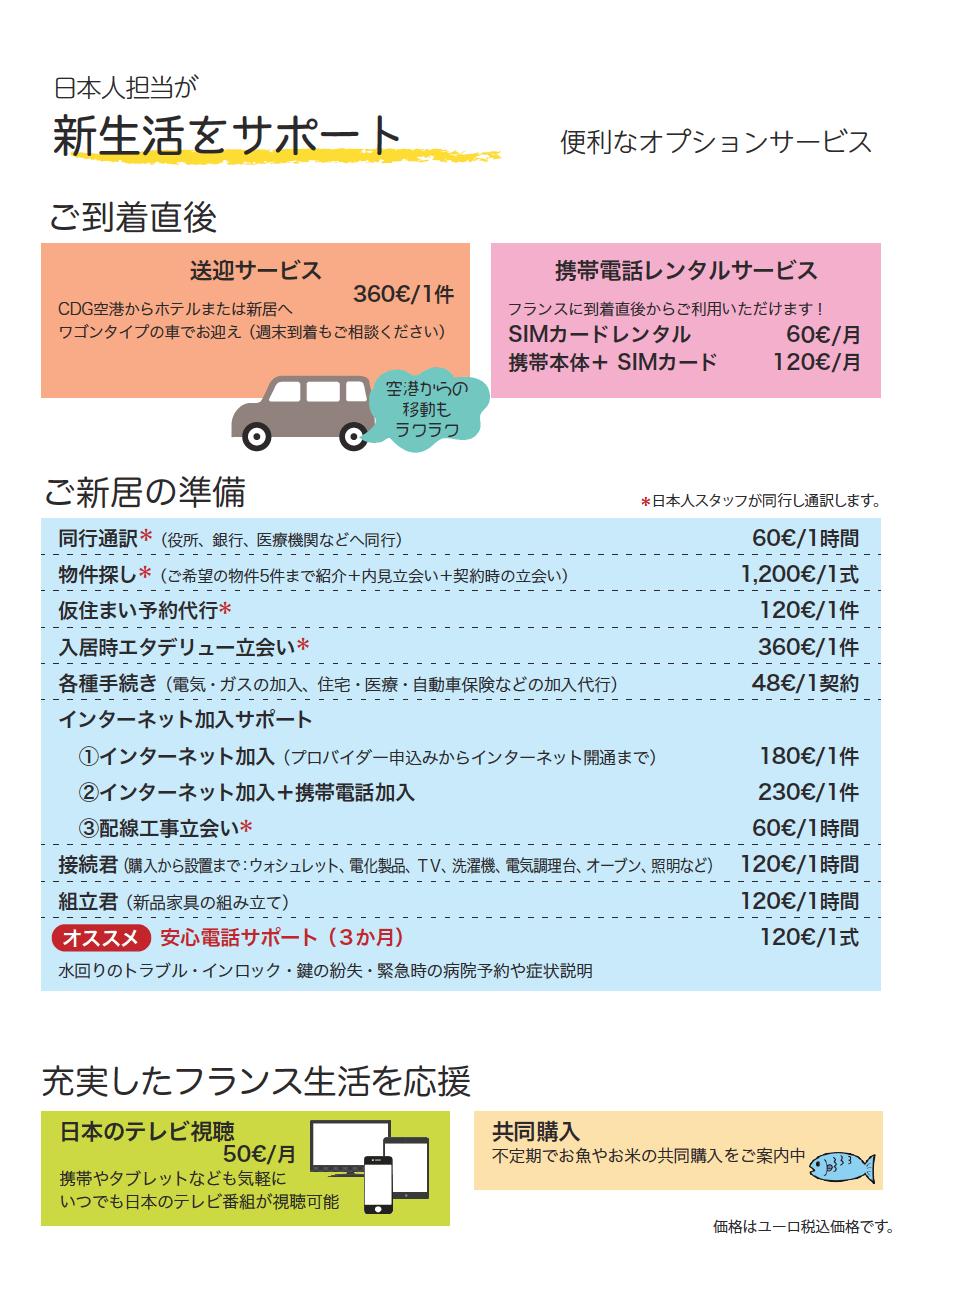 新生活サポート料金2018